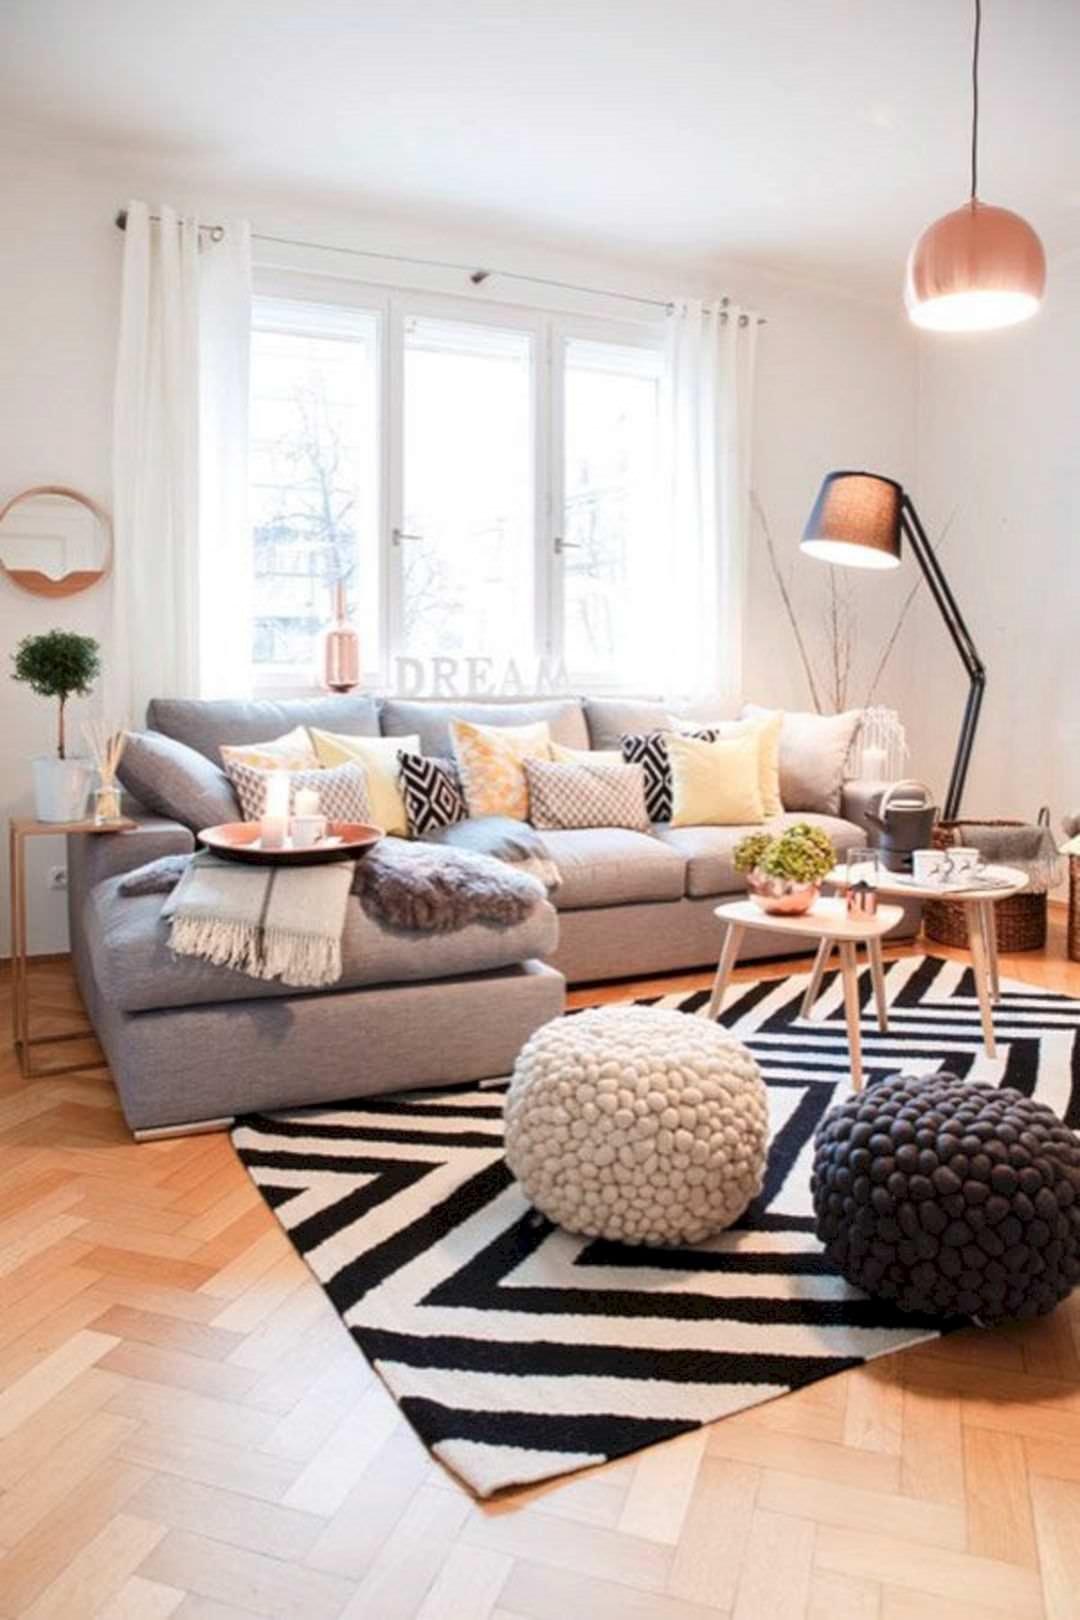 Imbiancare casa colori di tendenza per ogni stanza idee colore pareti per tinteggiare casa - Imbiancare casa idee colori ...